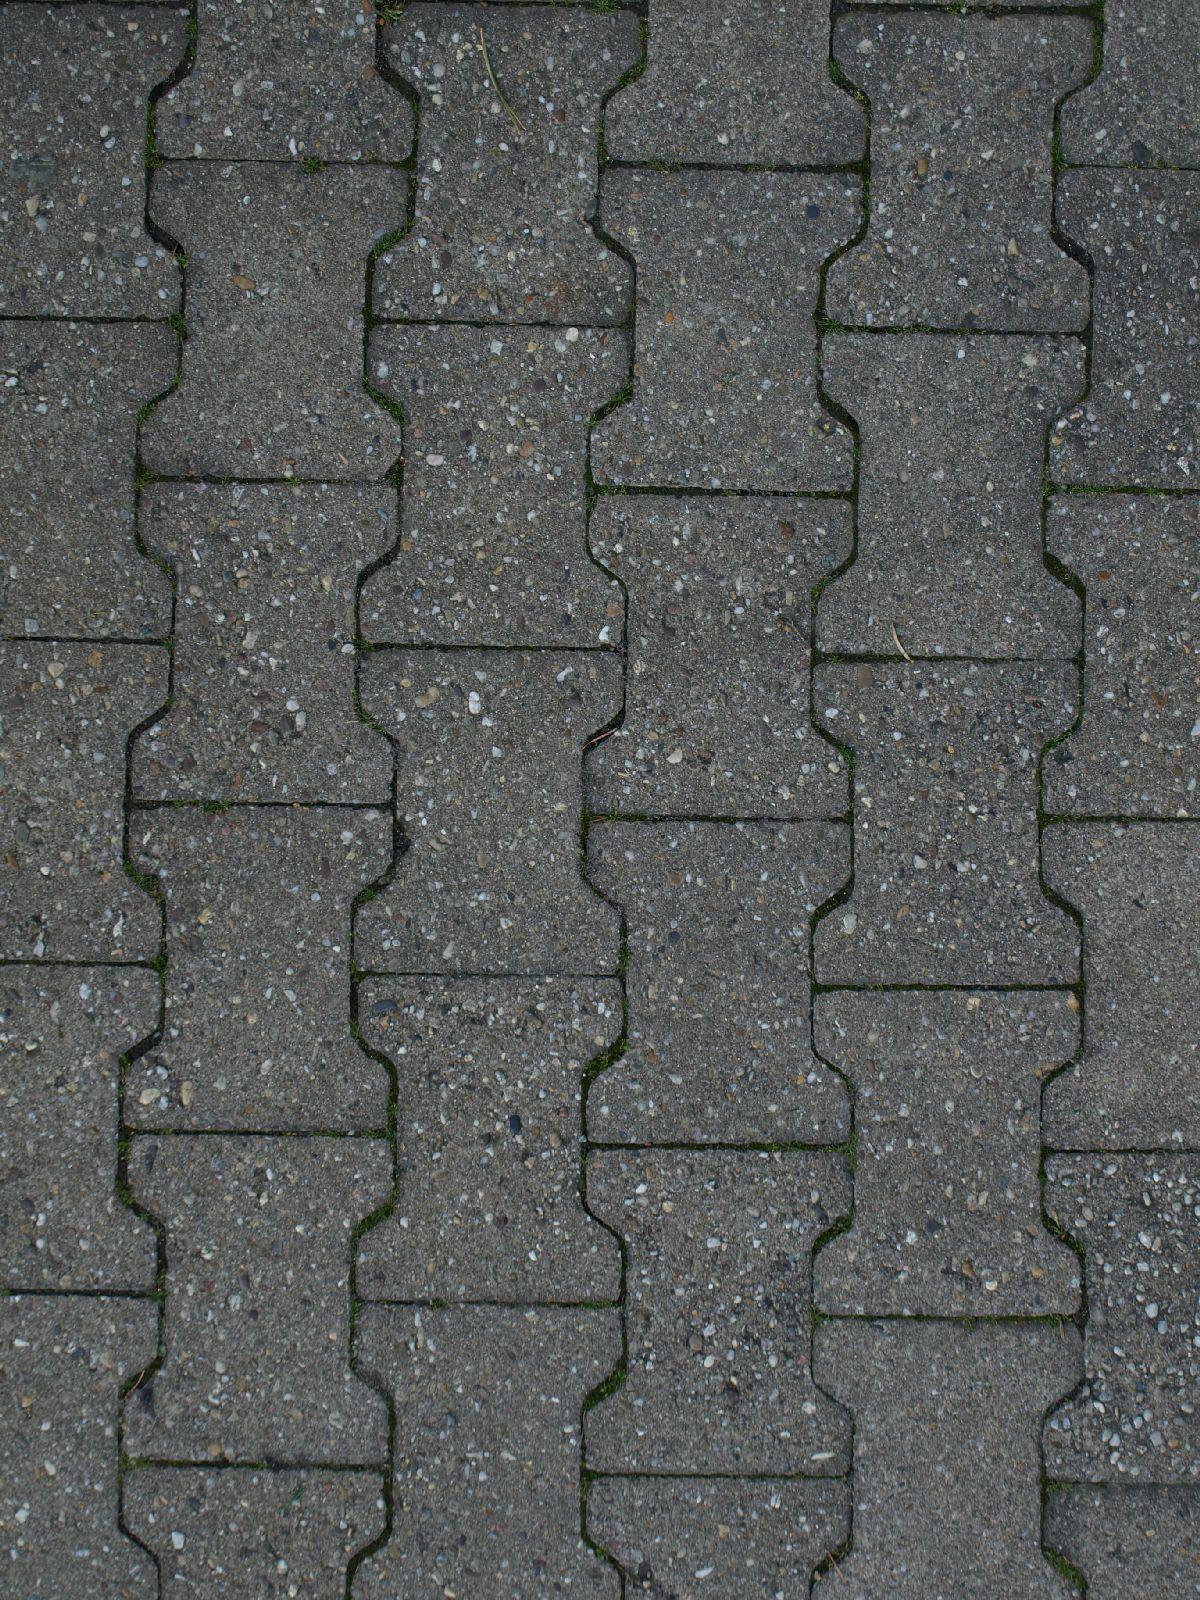 Ground-Urban_Texture_A_P6233721